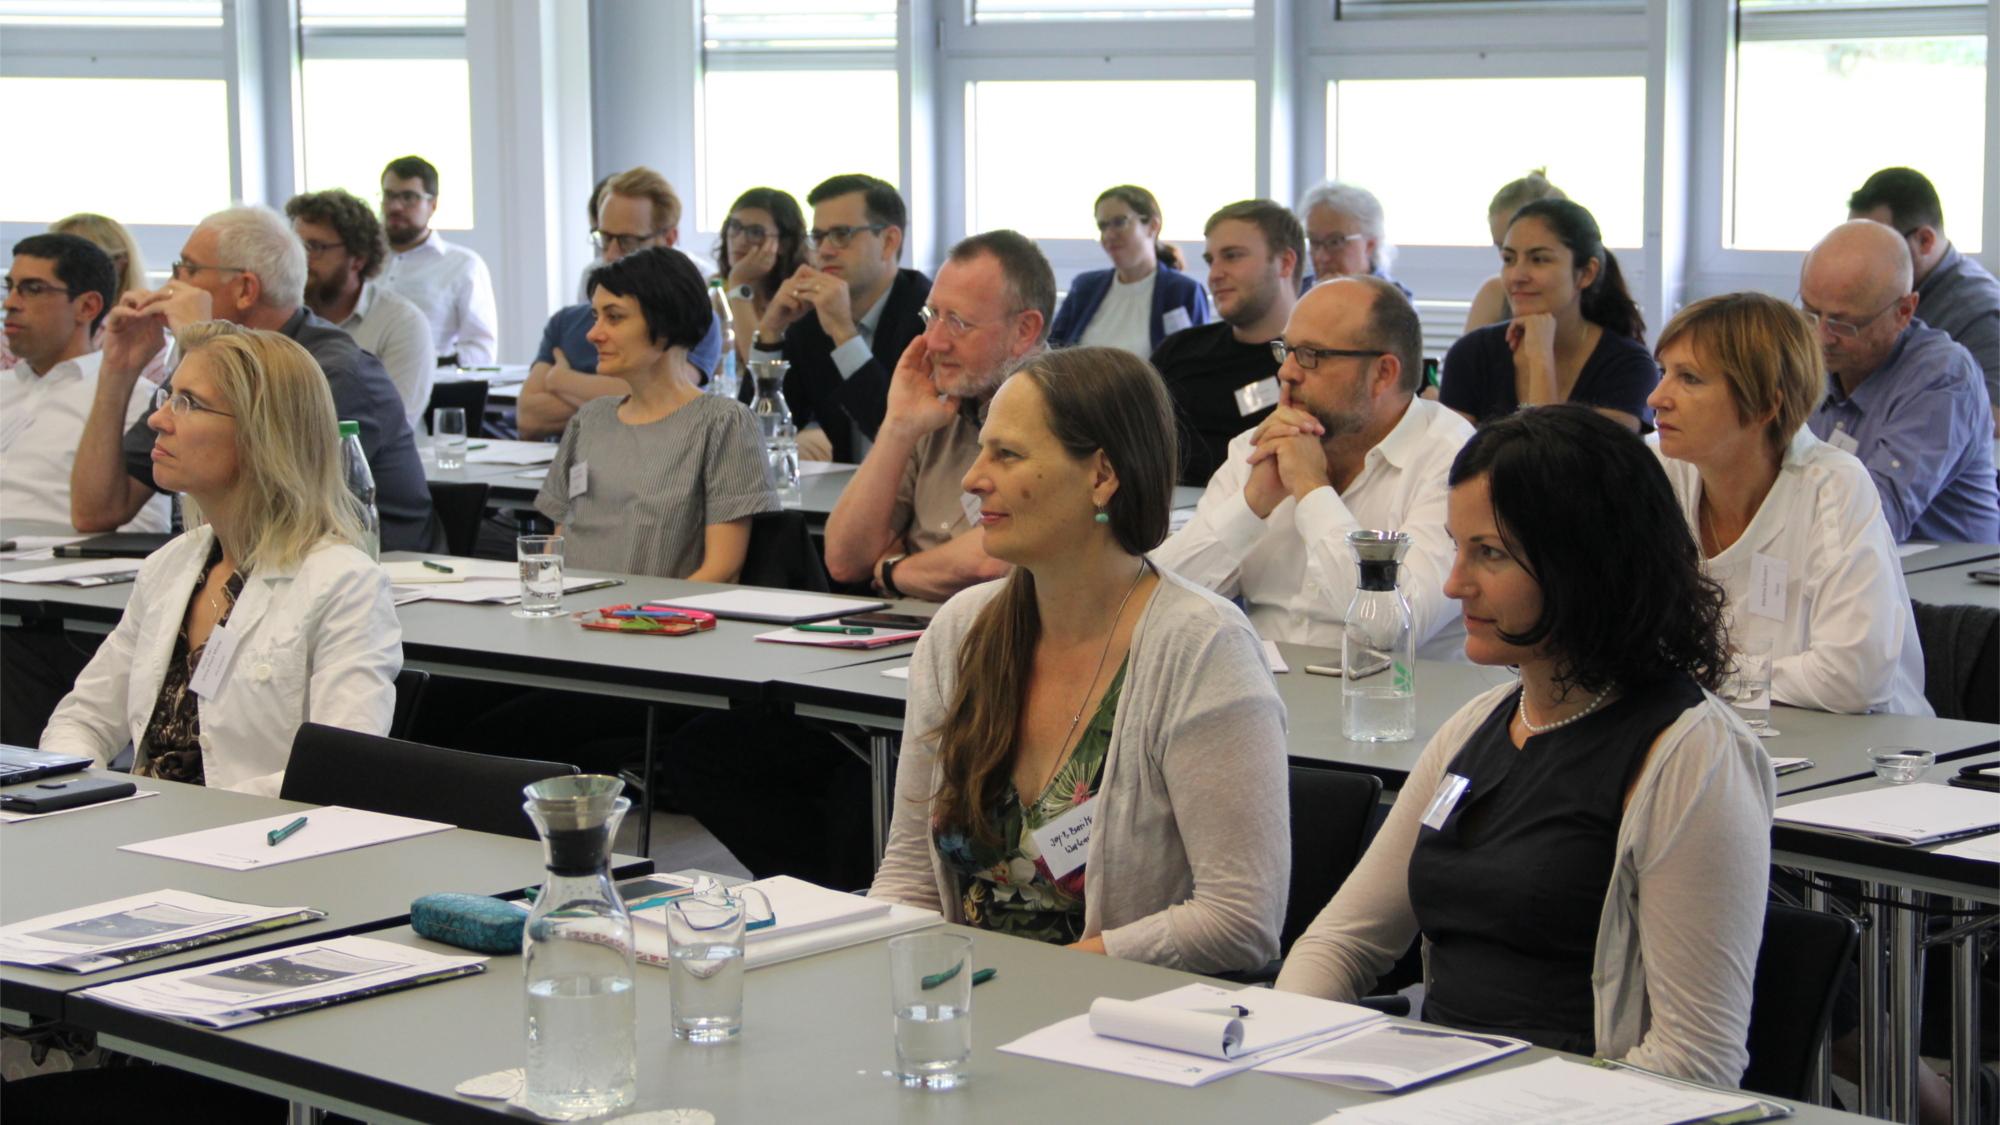 TeilnehmerInnen des interdisziplinären Workshops 2019